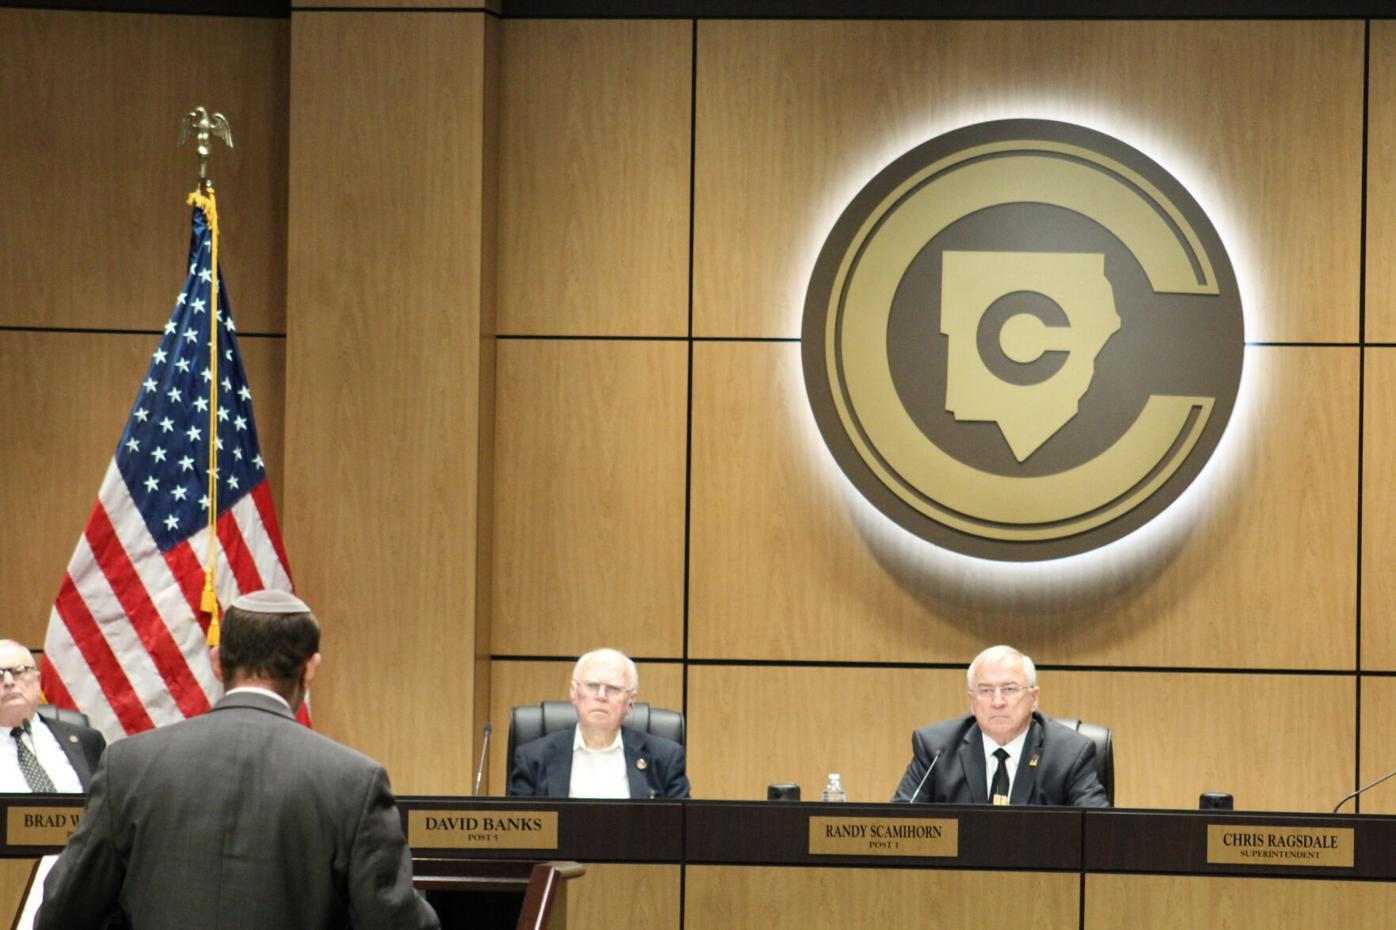 Rabbi at CCSD board meeting